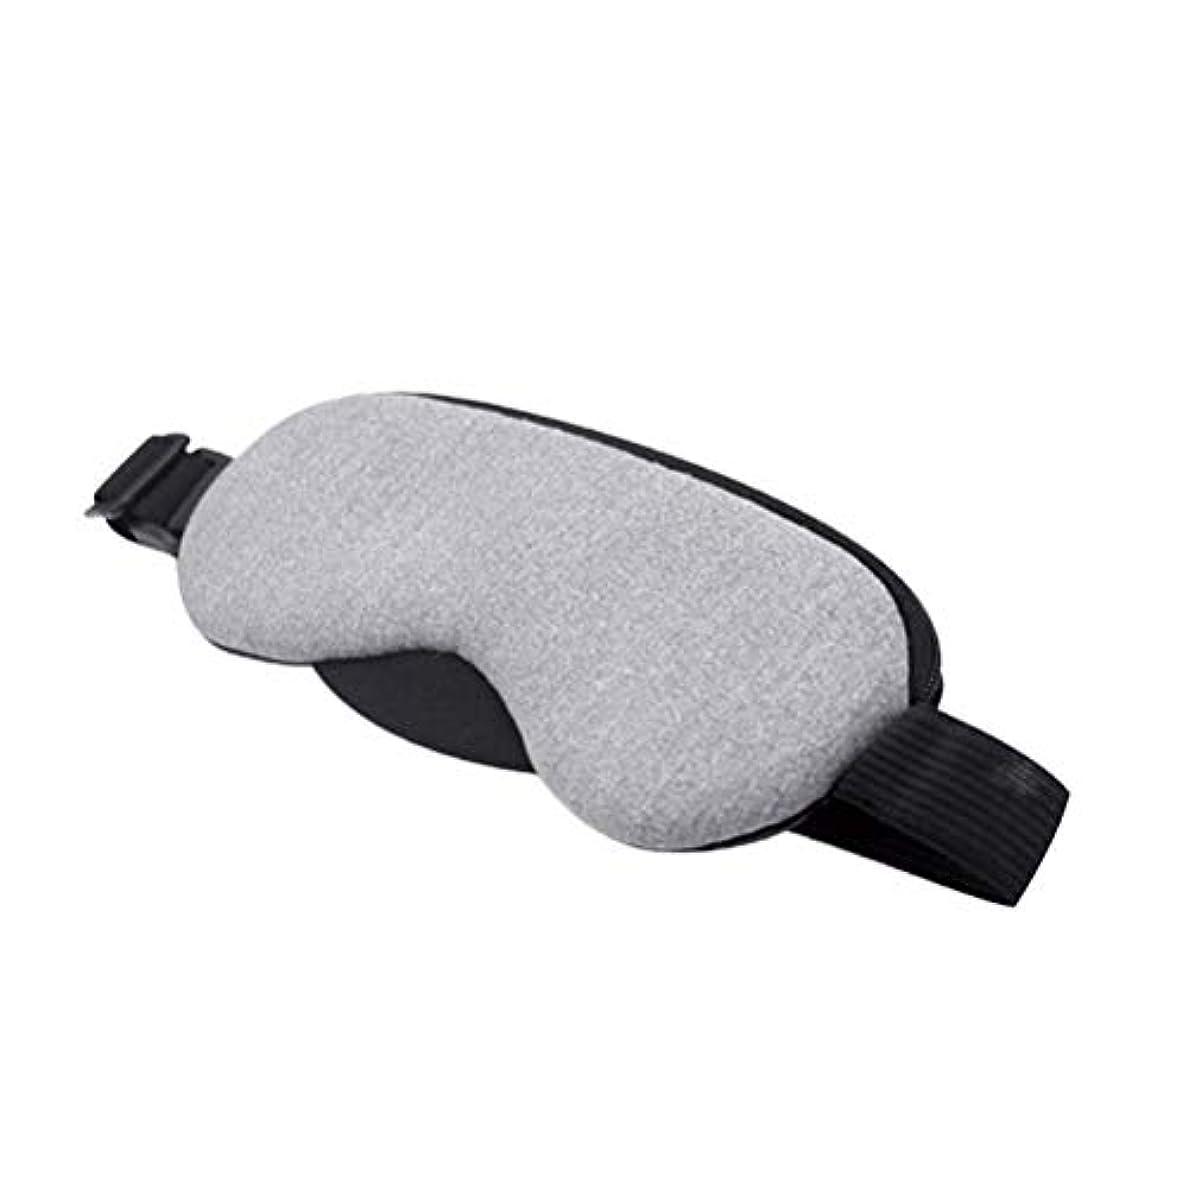 のどカプセル回るHealifty アイマスク 蒸気ホットアイマスク USB 加熱式 スリーピングアイマスク 温度とタイミング制御 吹き出物/乾燥/疲れた目(灰色)